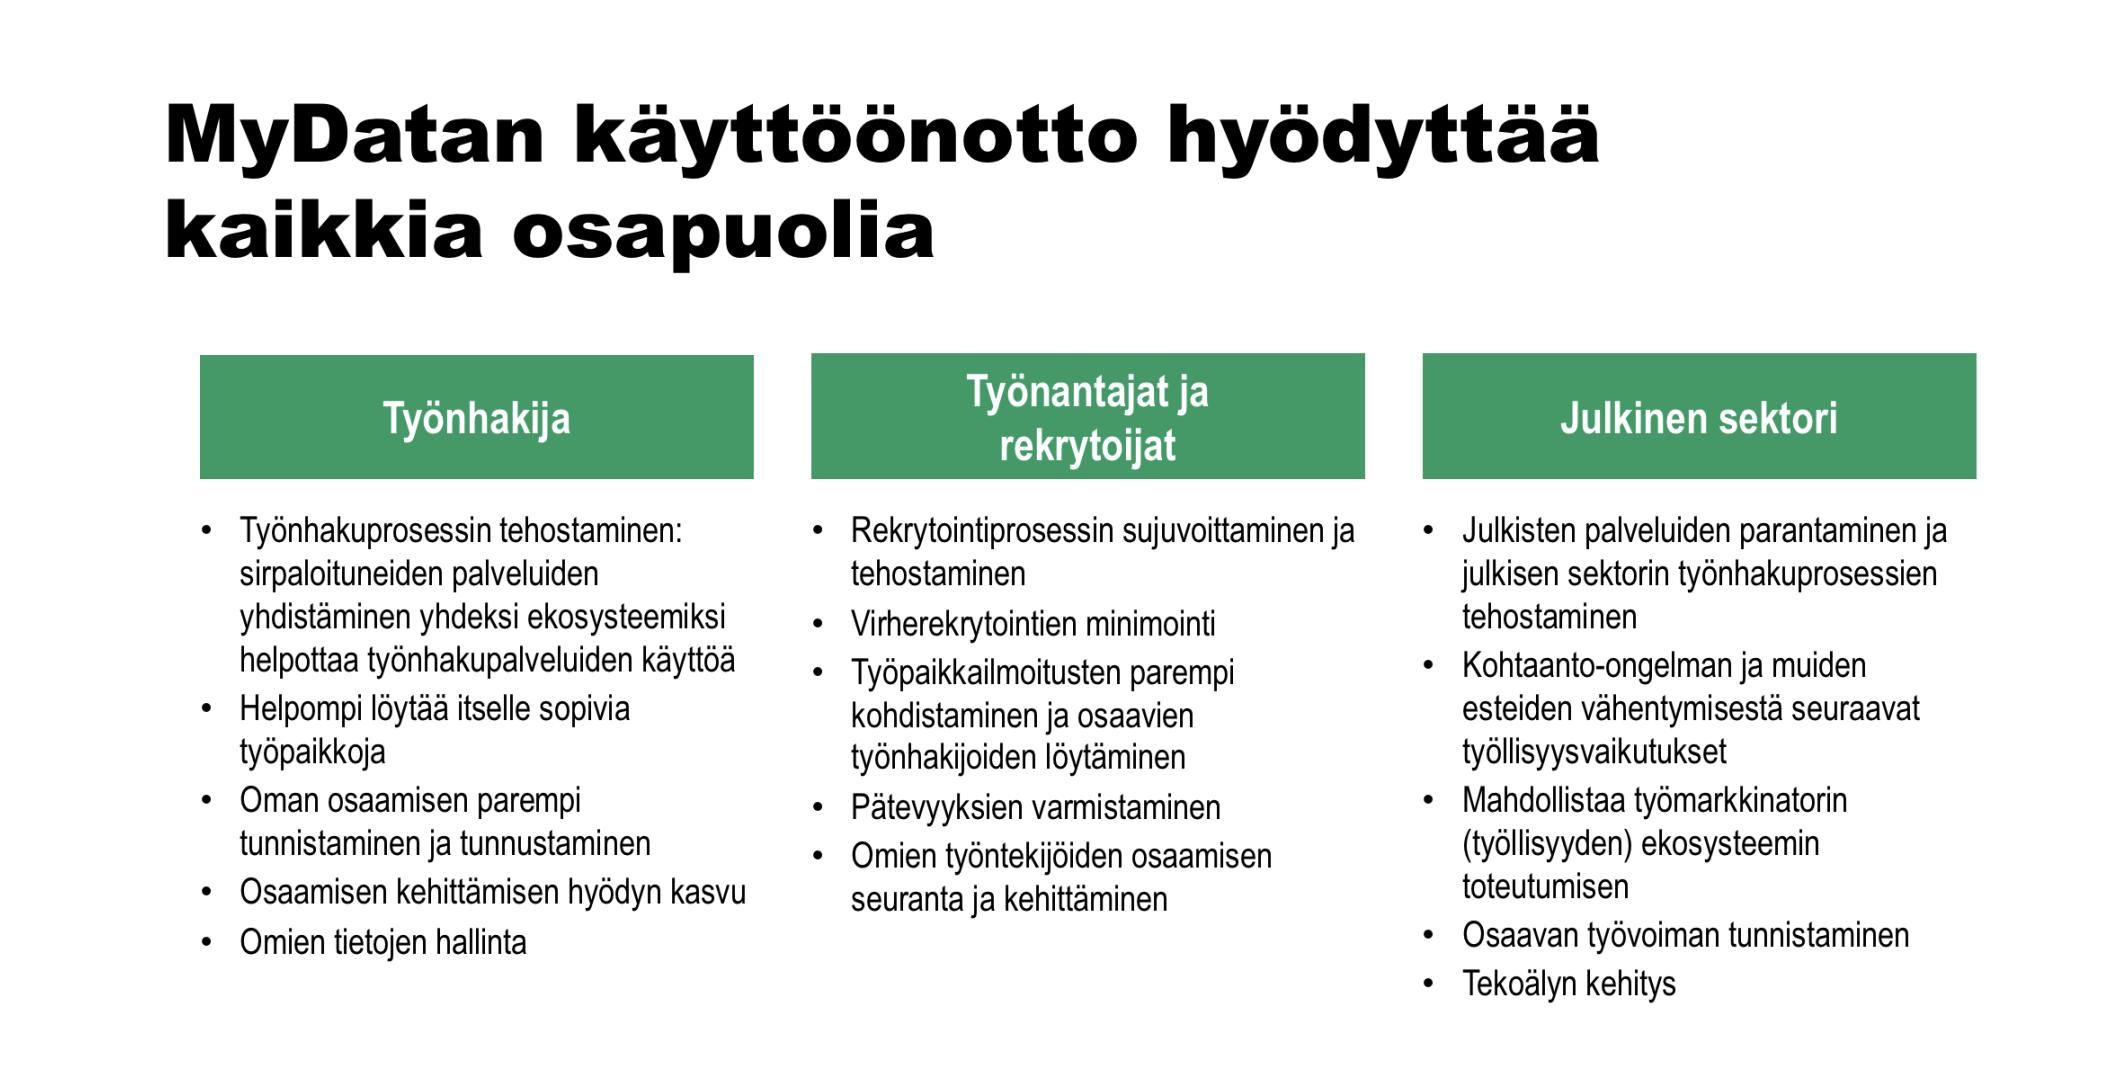 MyData hyödyttää kaikkia osapuolia